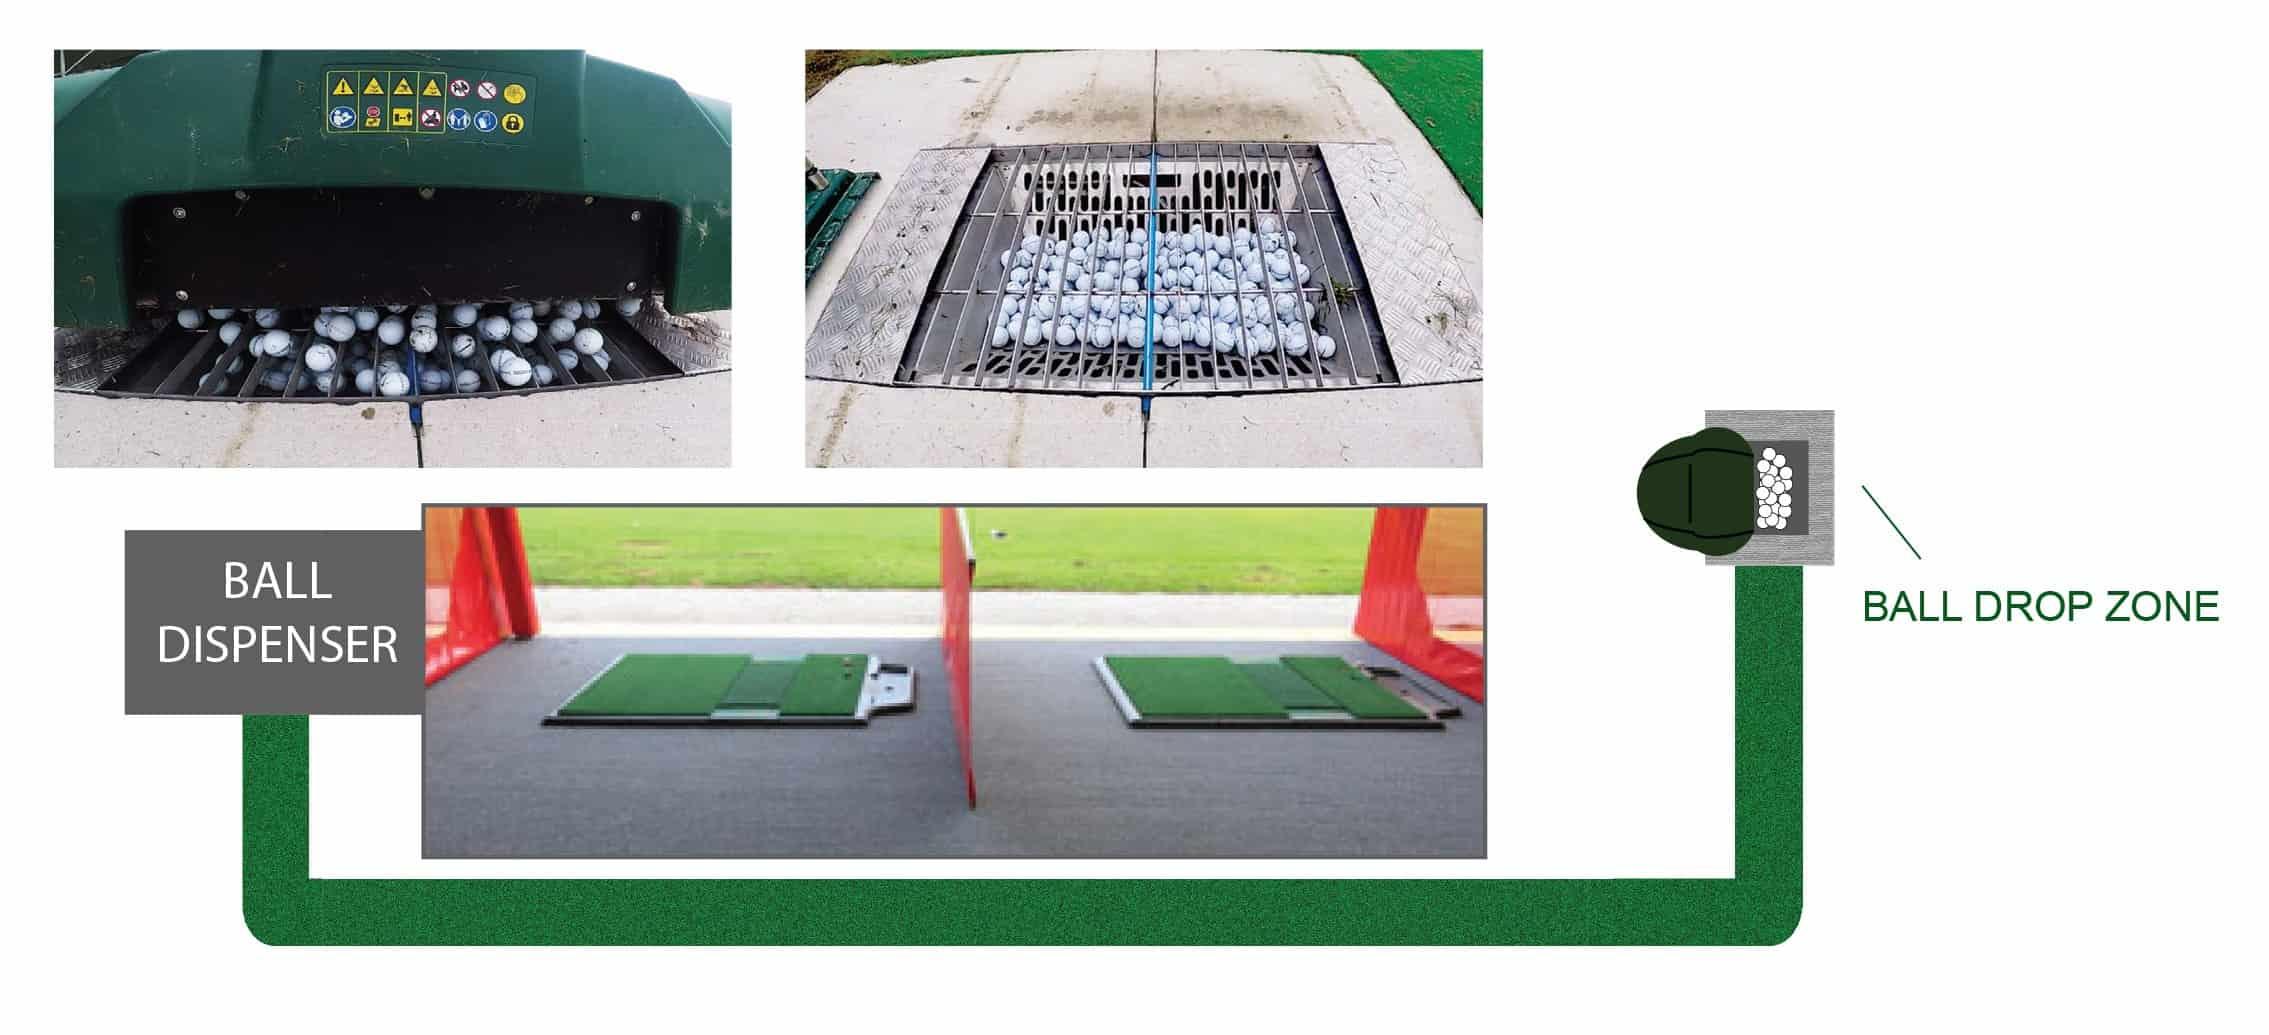 range ball management, Automated Range Ball Management